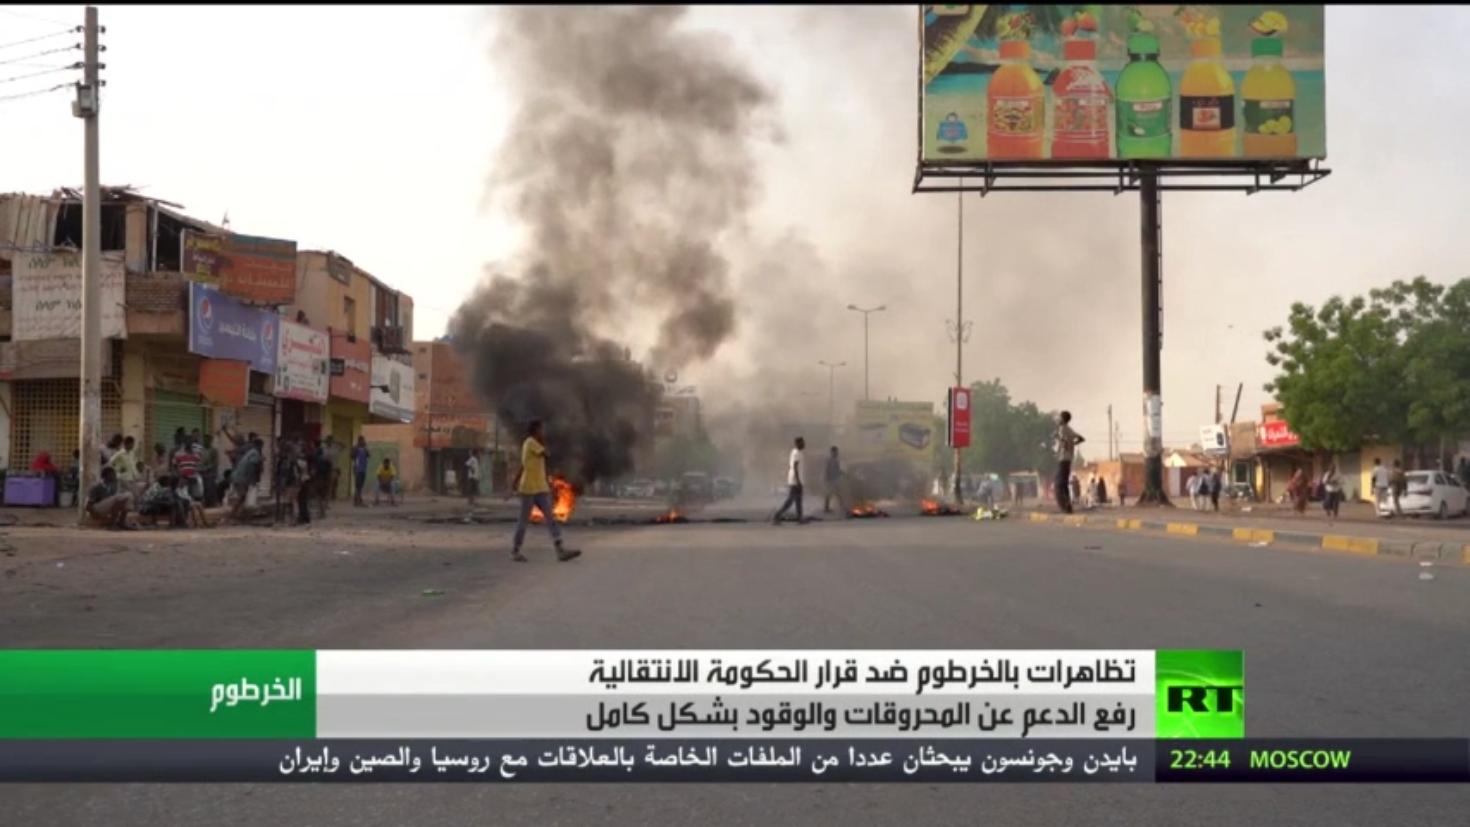 احتجاجات بالخرطوم ضد رفع الدعم عن الوقود